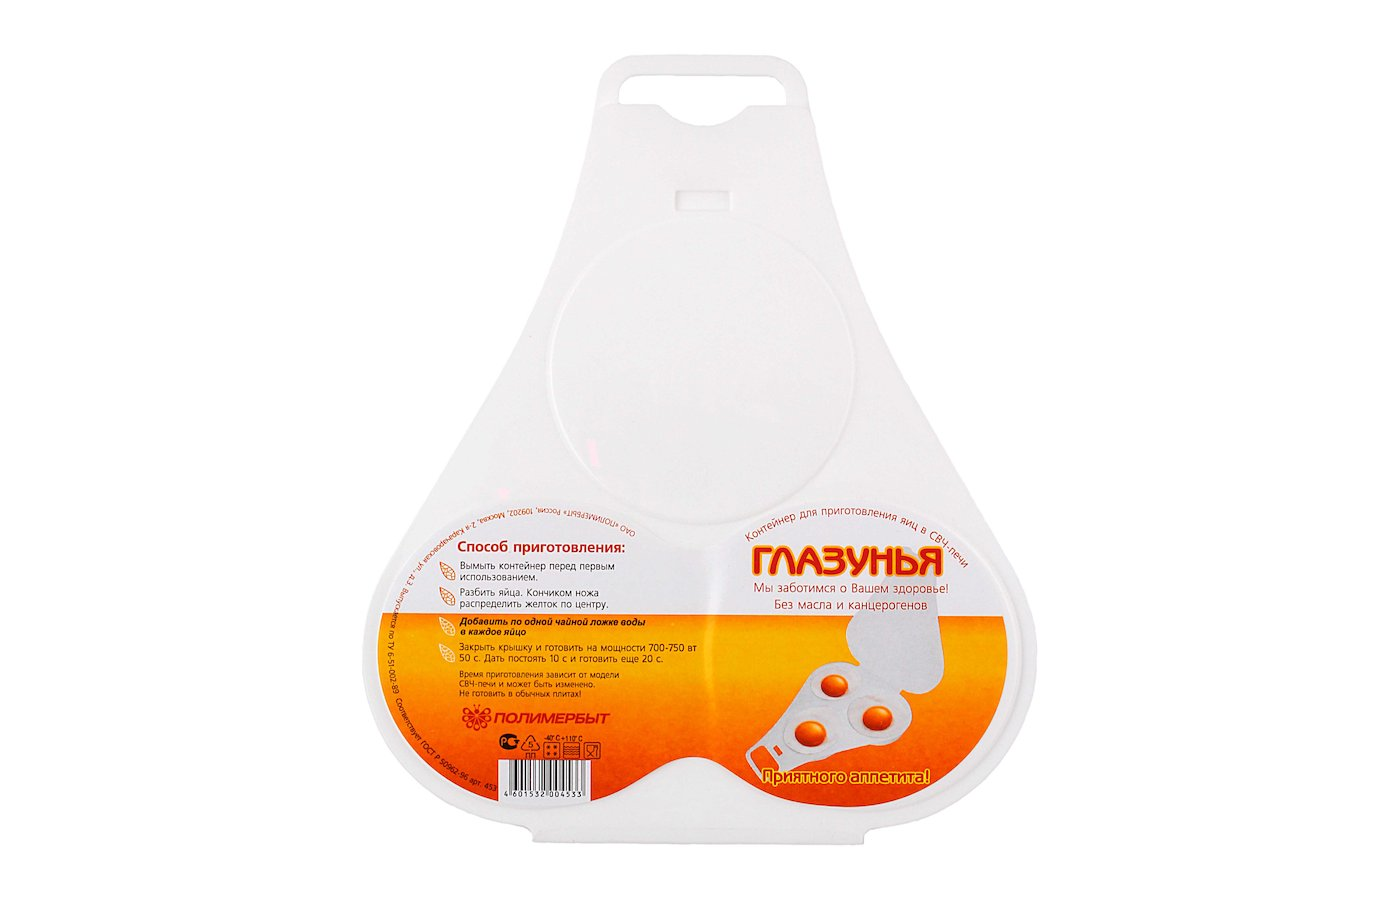 Пластиковая посуда для СВЧ ПОЛИМЕРБЫТ с453 Контейнер д/пригот. яиц емкость д/СВЧ Глазунья 45300